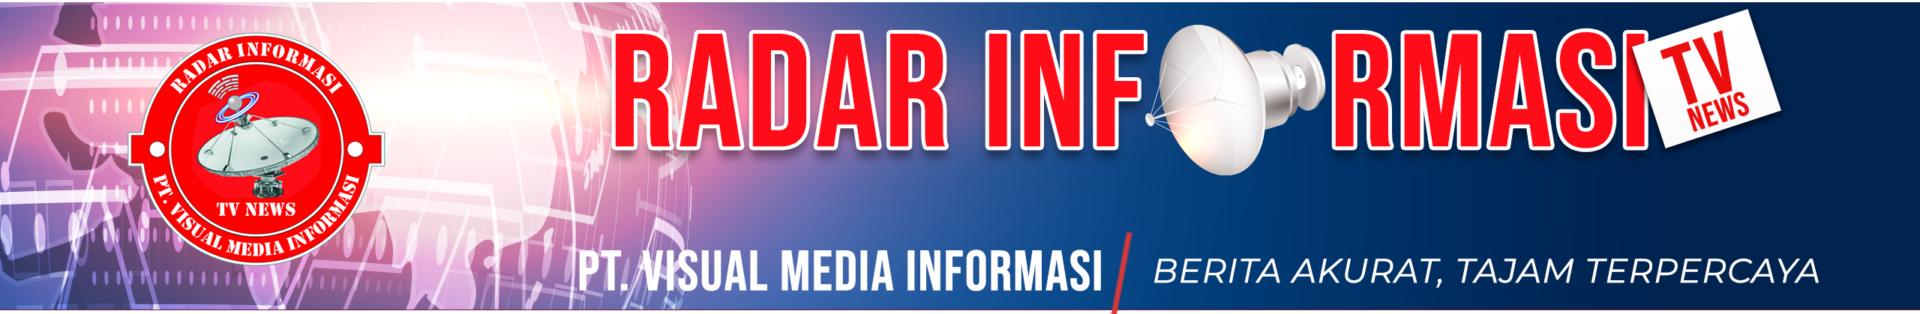 Radar Informasi